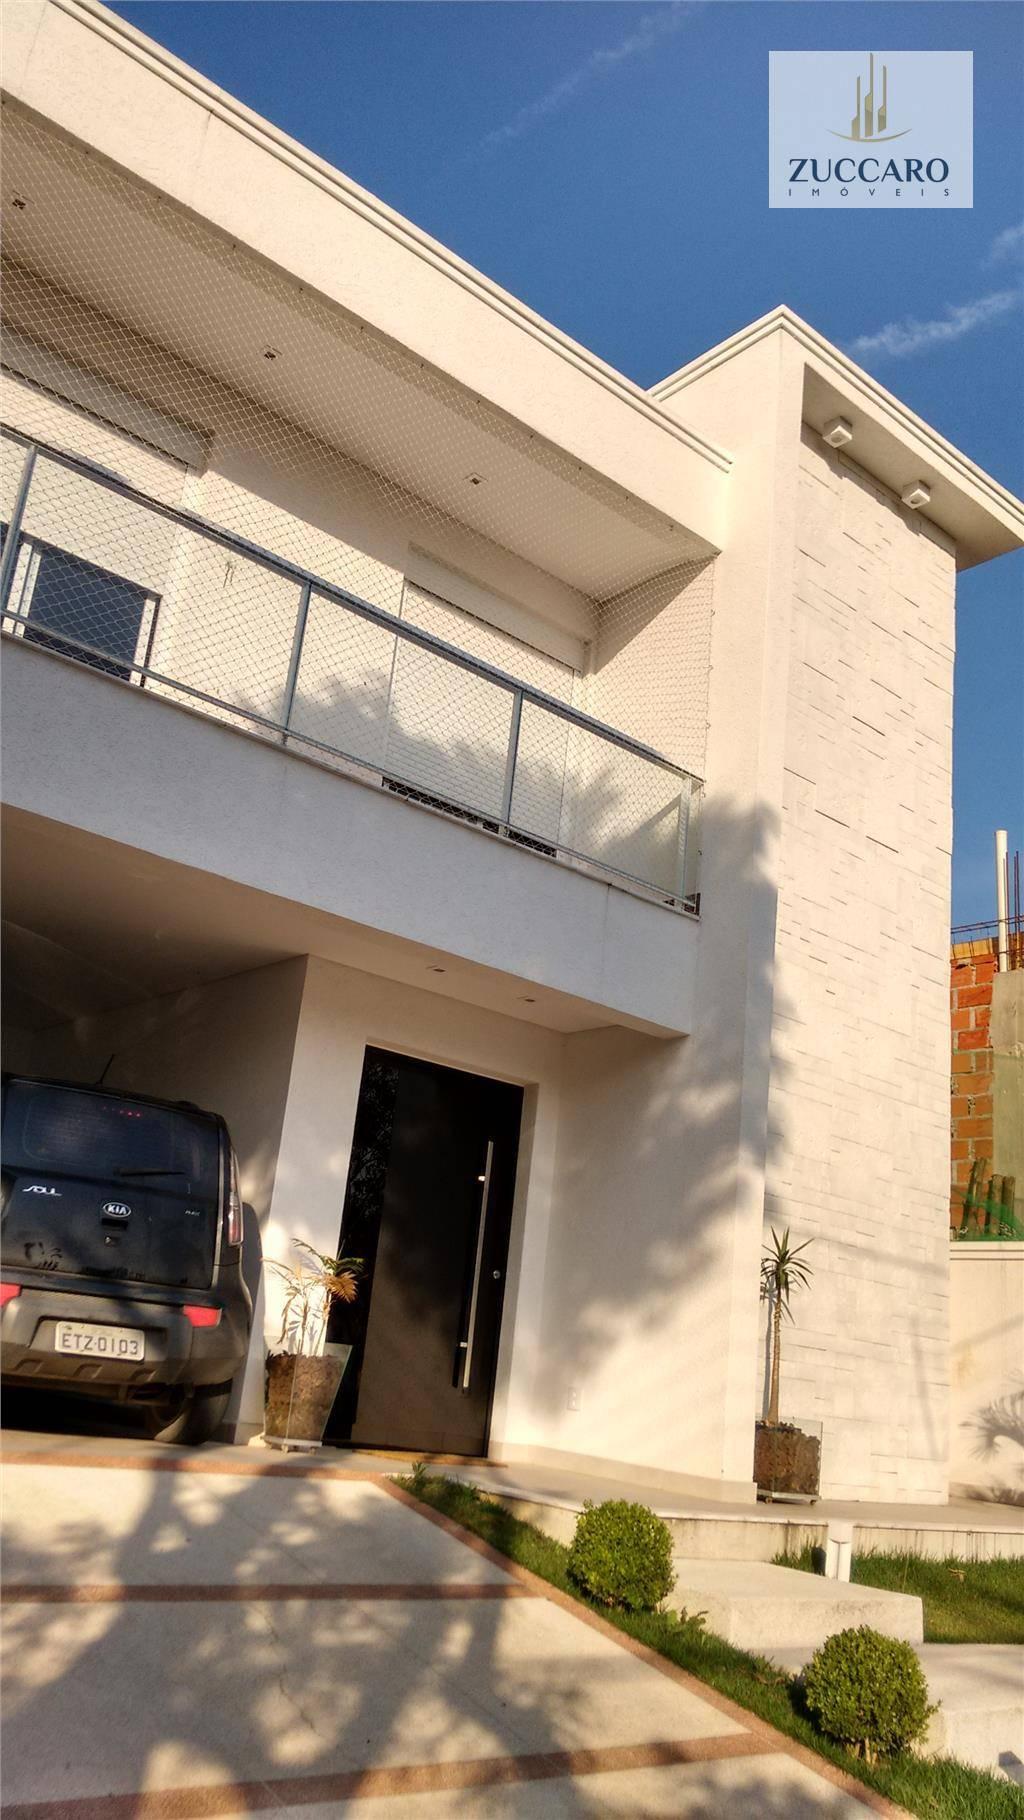 Sobrado de 4 dormitórios à venda em Perová, Arujá - SP